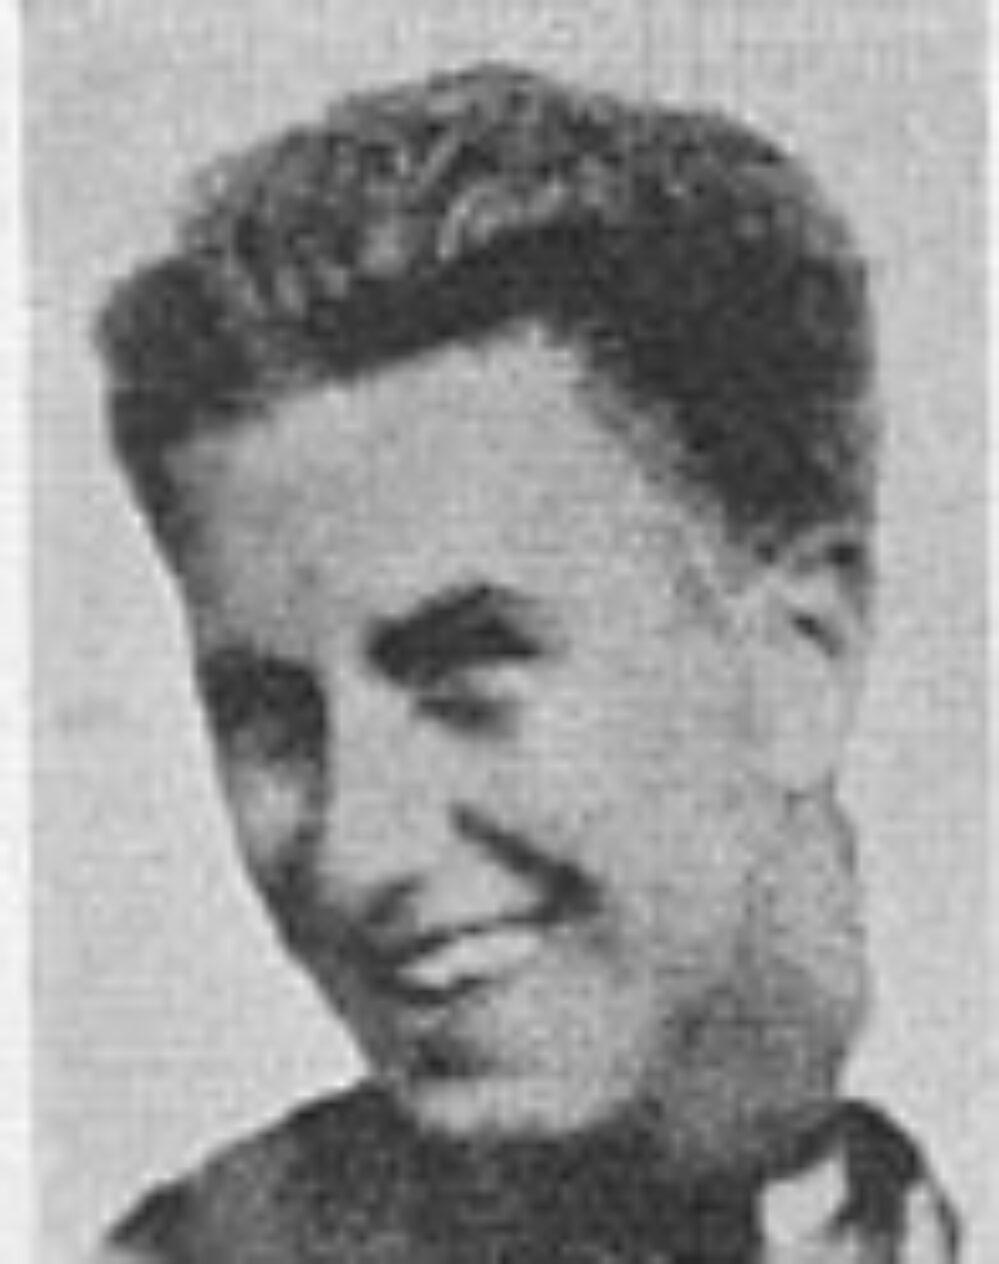 Rolf Søren Jacob Nyegaard